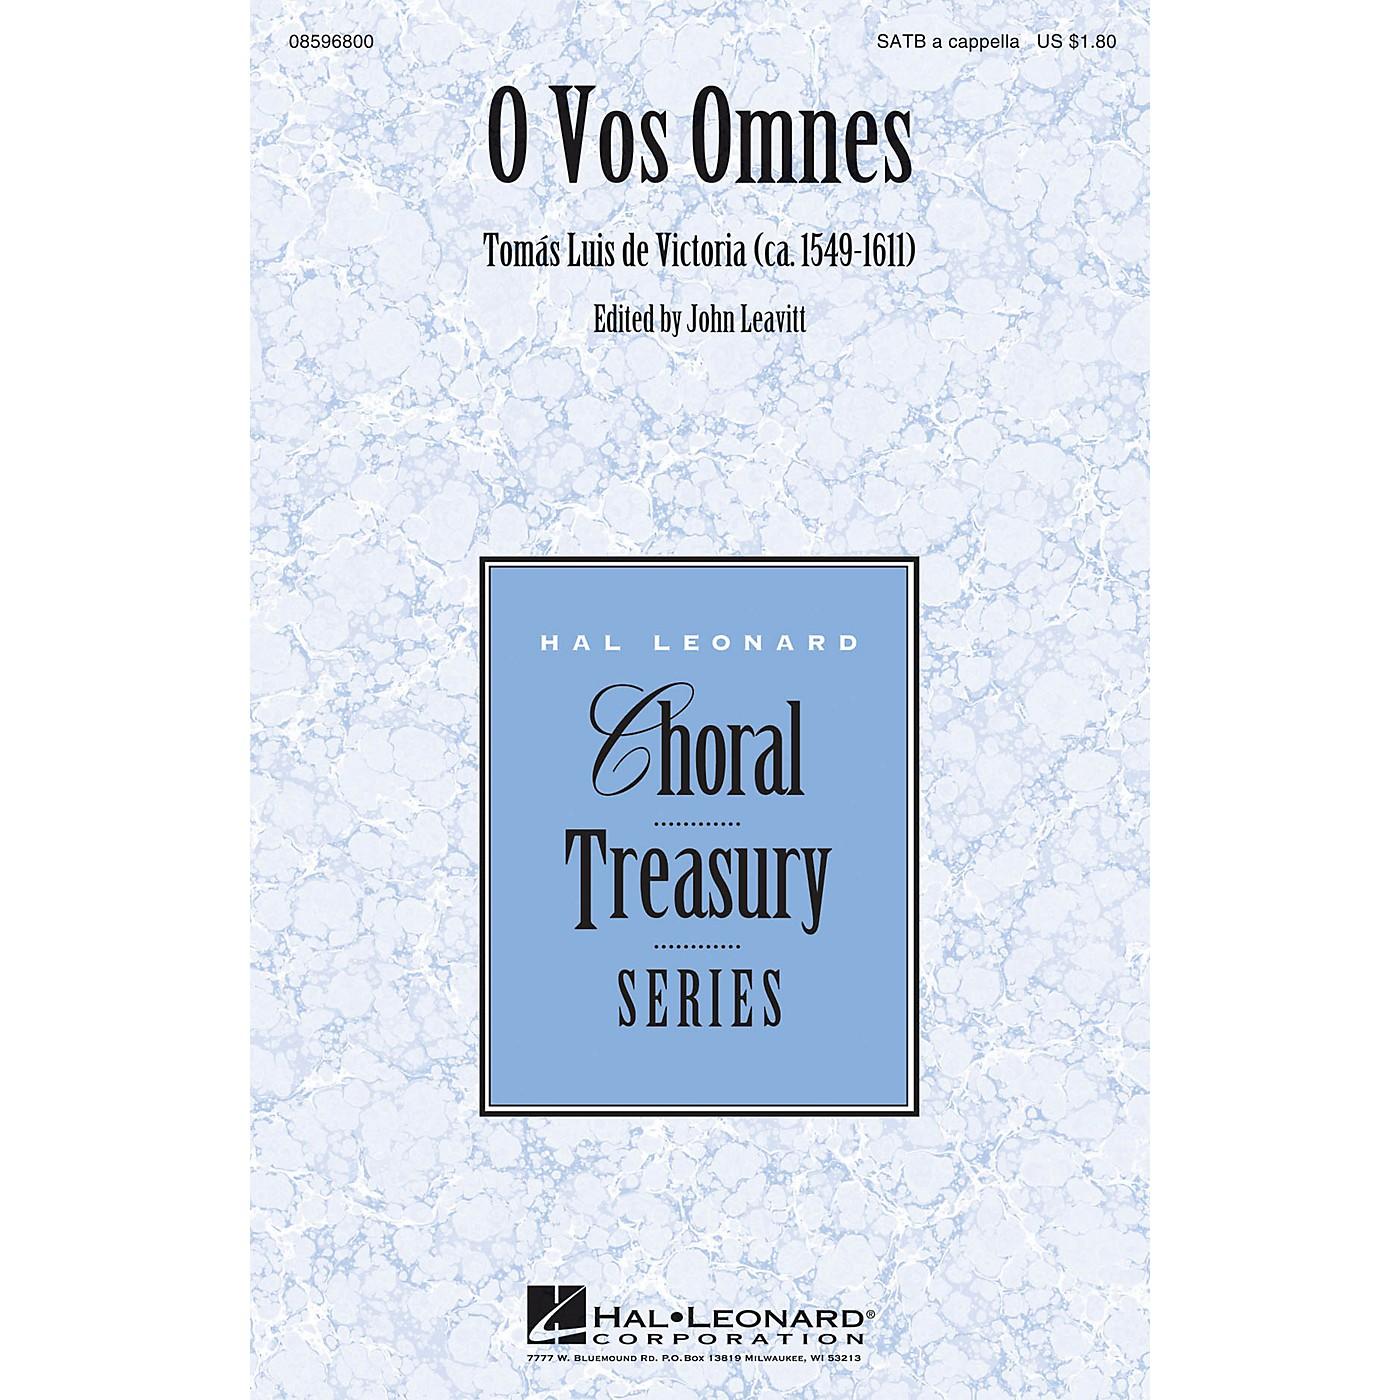 Hal Leonard O Vos Omnes SATB a cappella composed by Tomás Luis de Victoria thumbnail